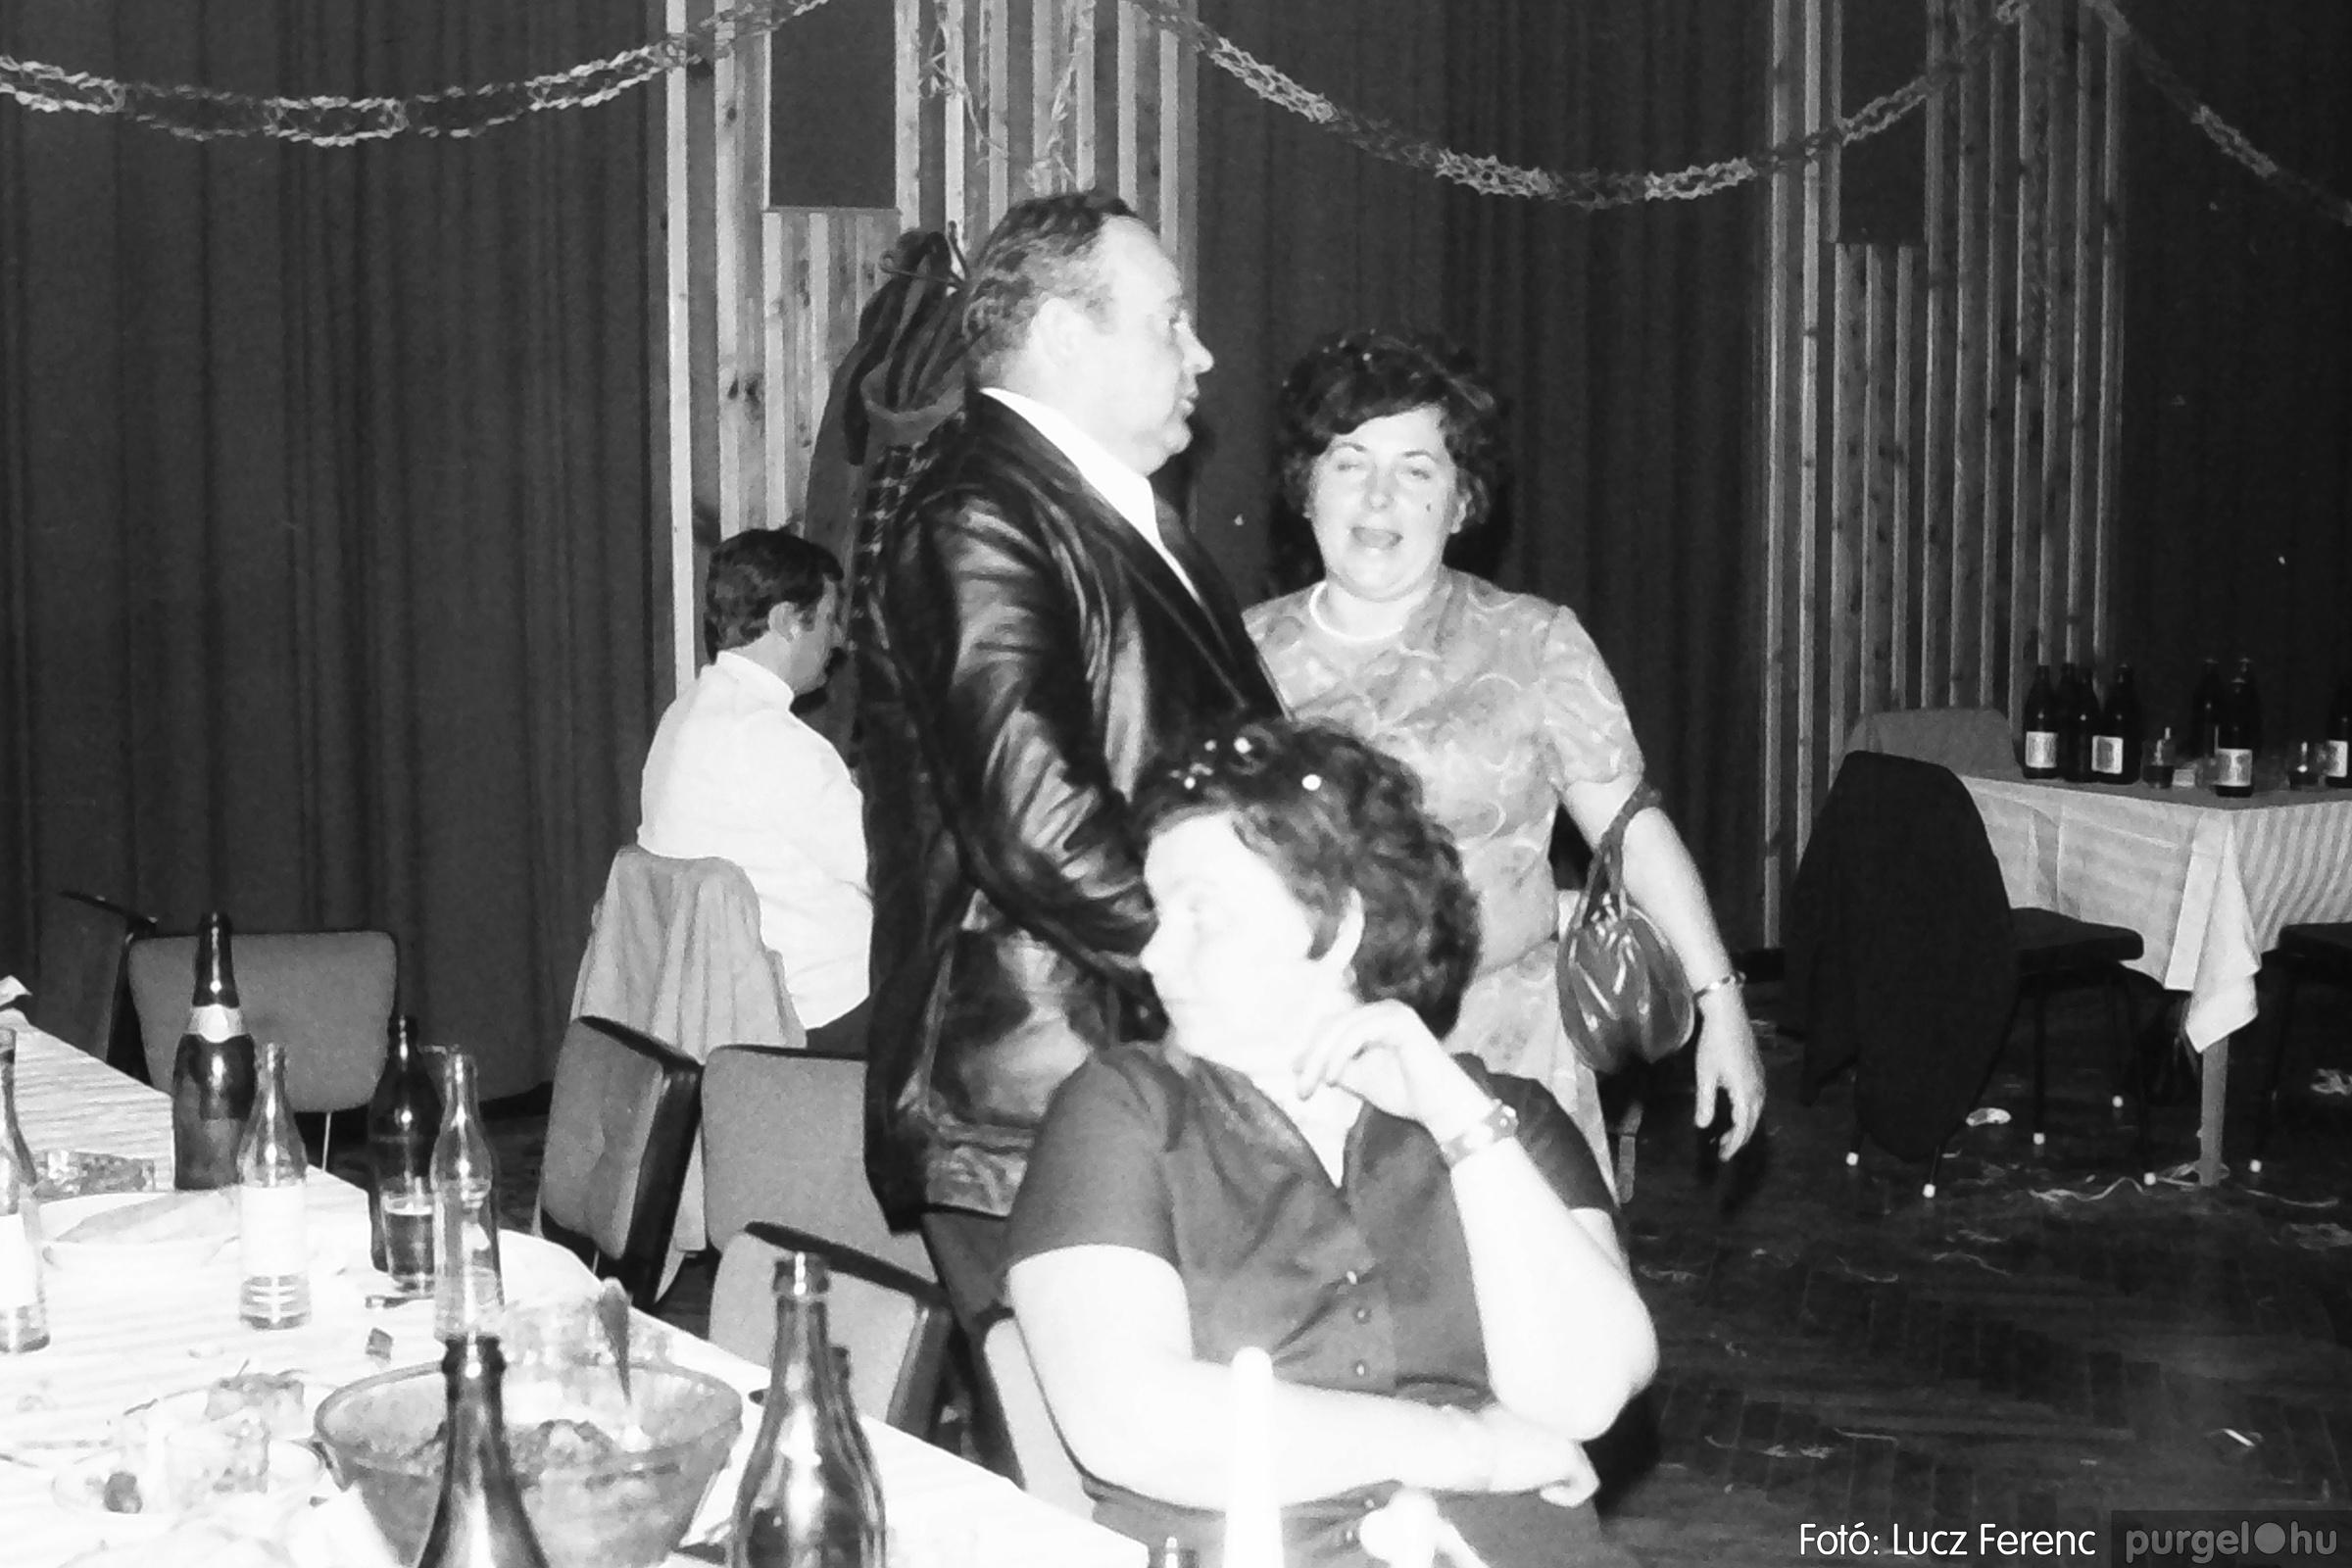 097. 1977.12.31. Szilveszter a kultúrházban 007. - Fotó: Lucz Ferenc.jpg